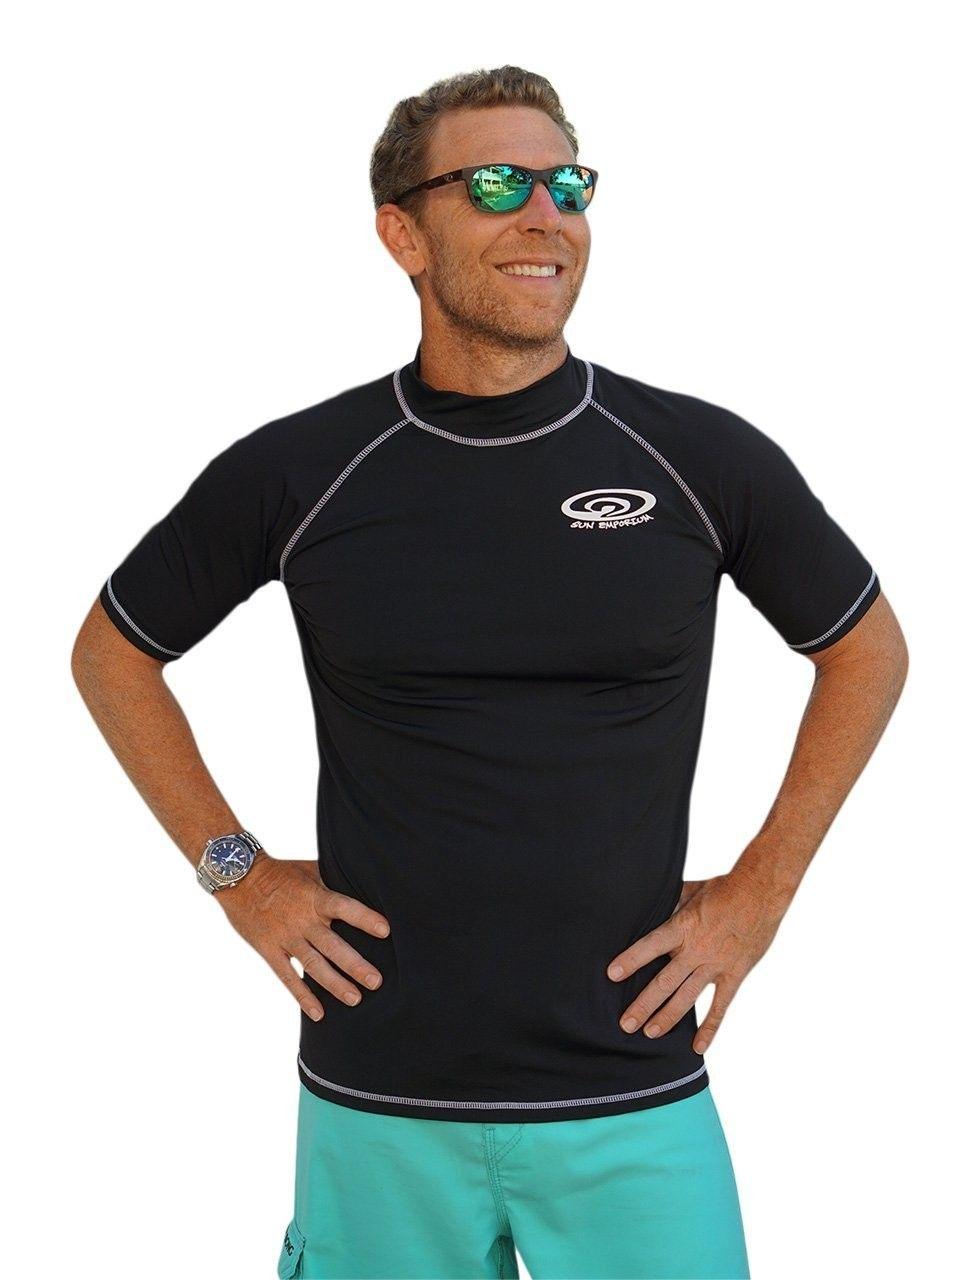 915f1264e9e Plus Size Rash Guard Swim Shirt For Big and Tall Large Men - Black ...